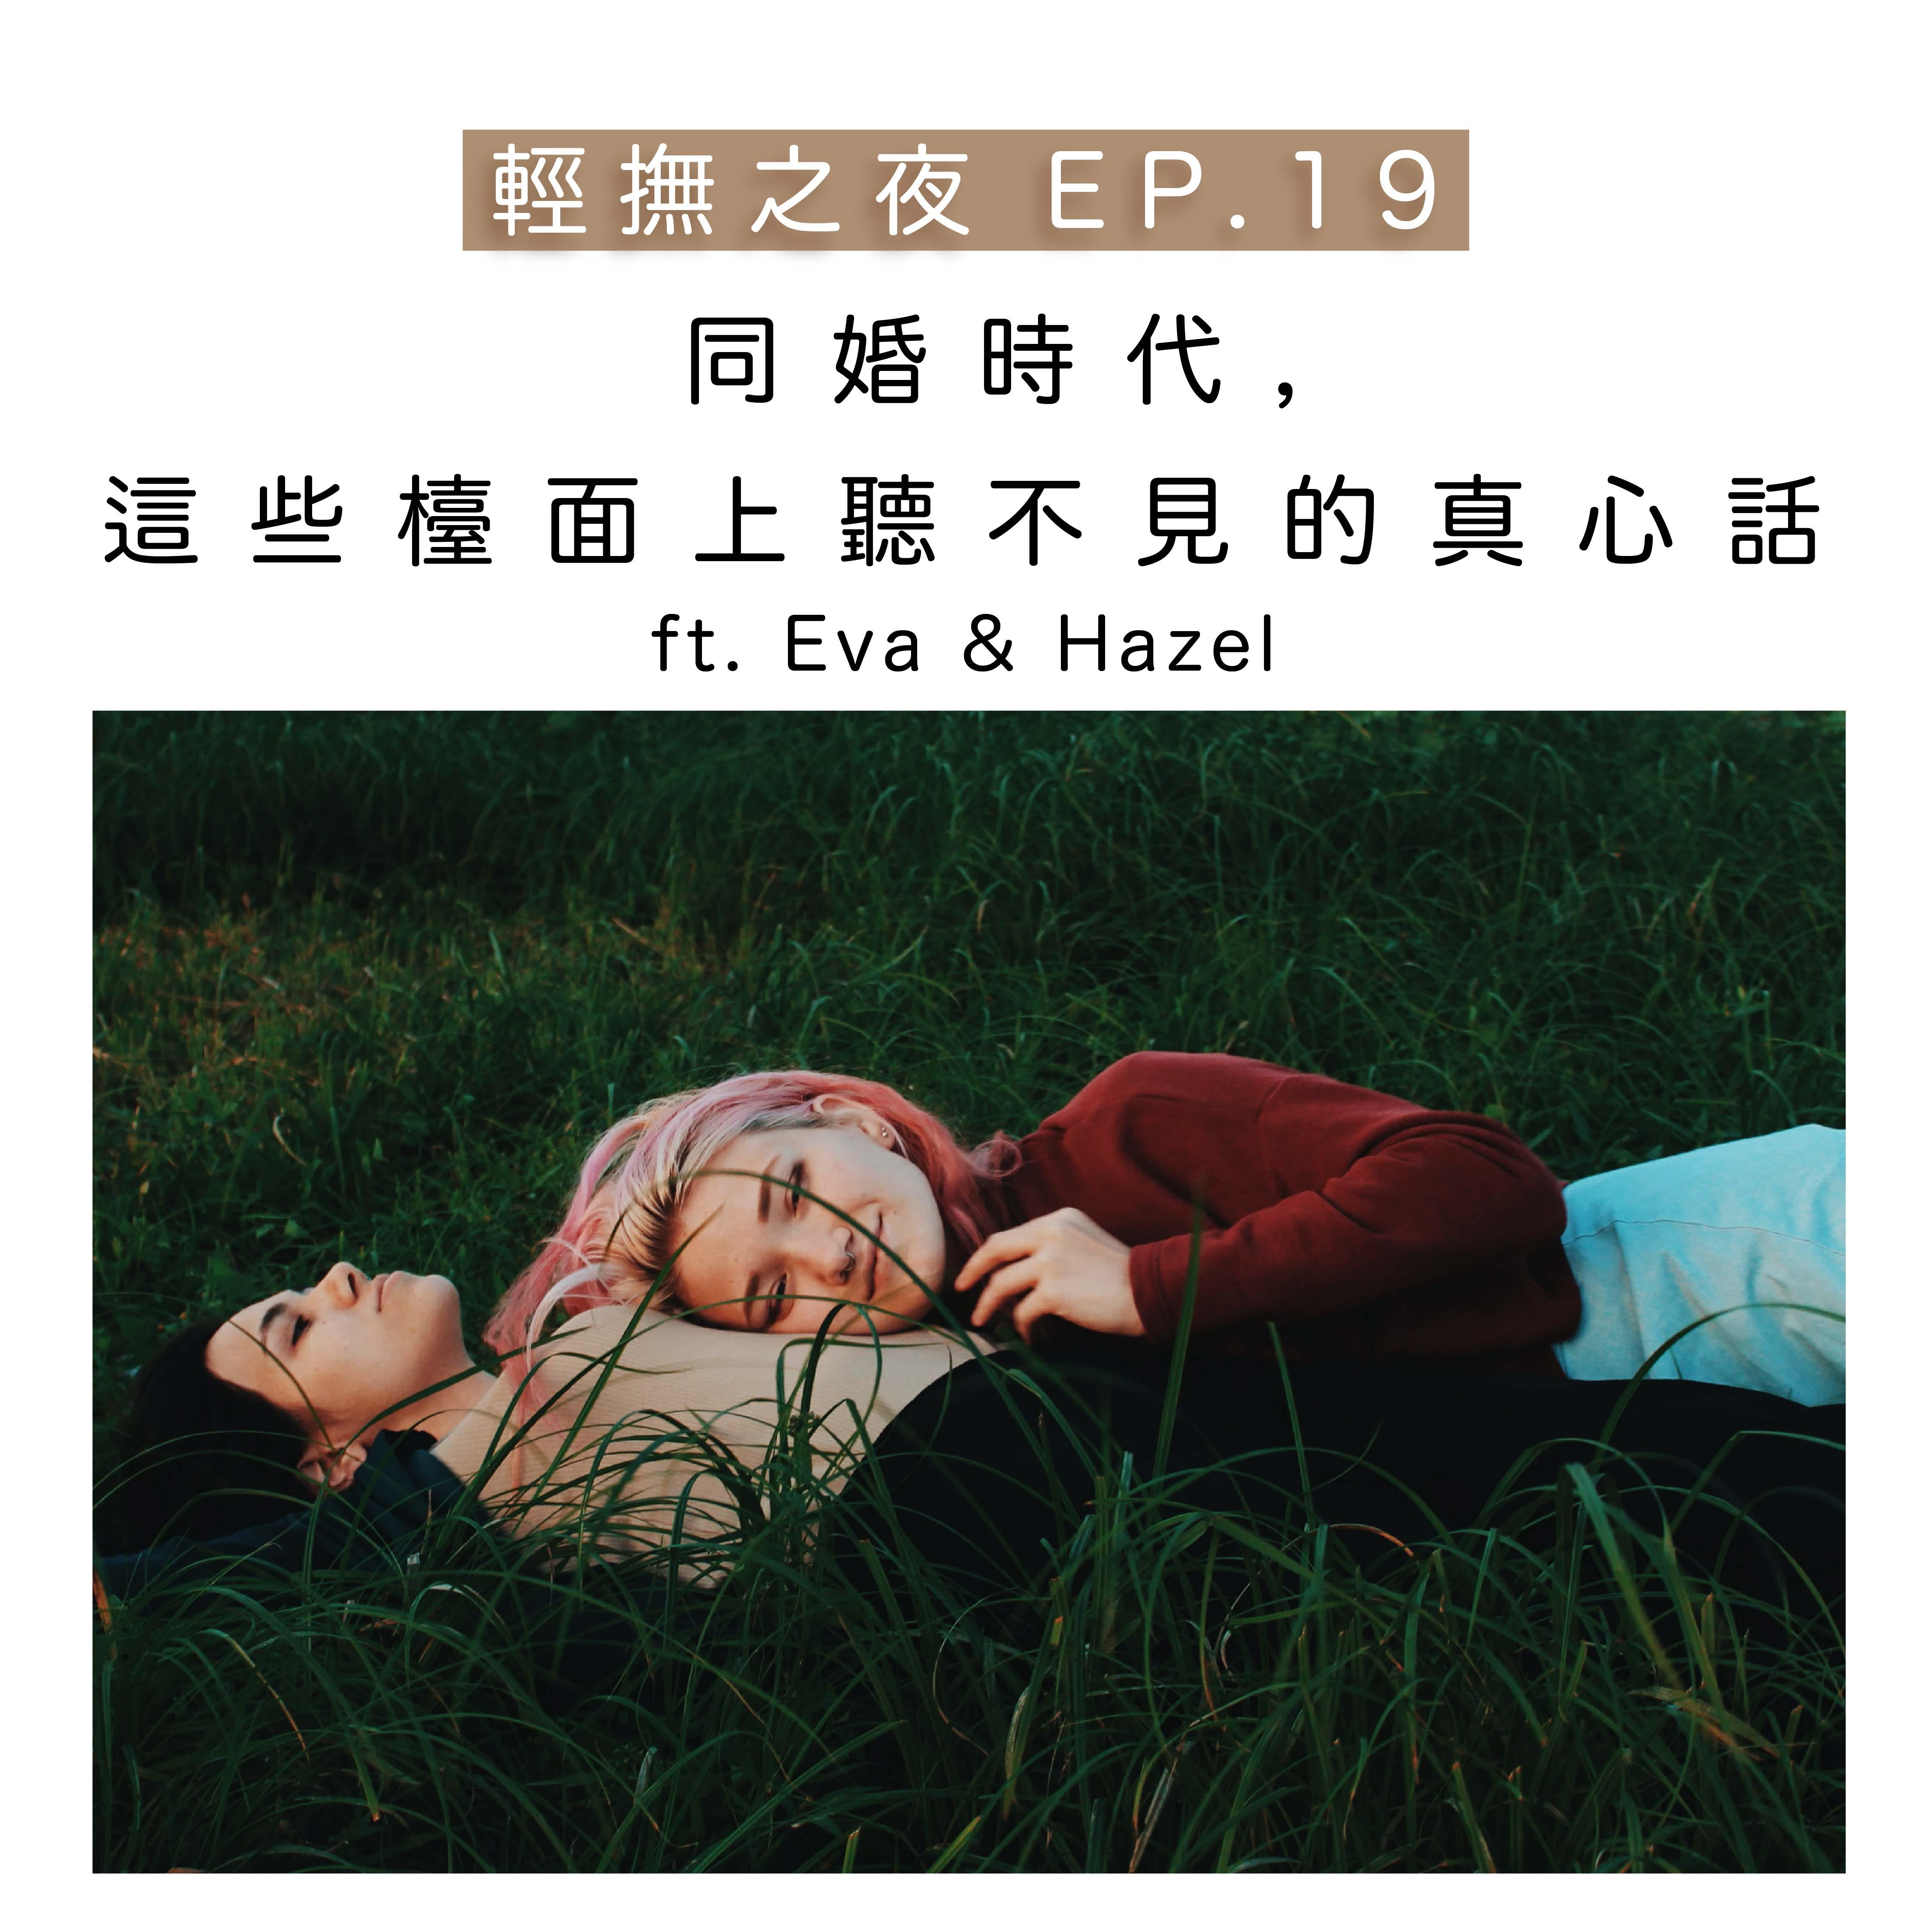 輕撫之夜 #19|同婚時代,這些檯面上聽不見的真心話  ft. Eva & Hazel